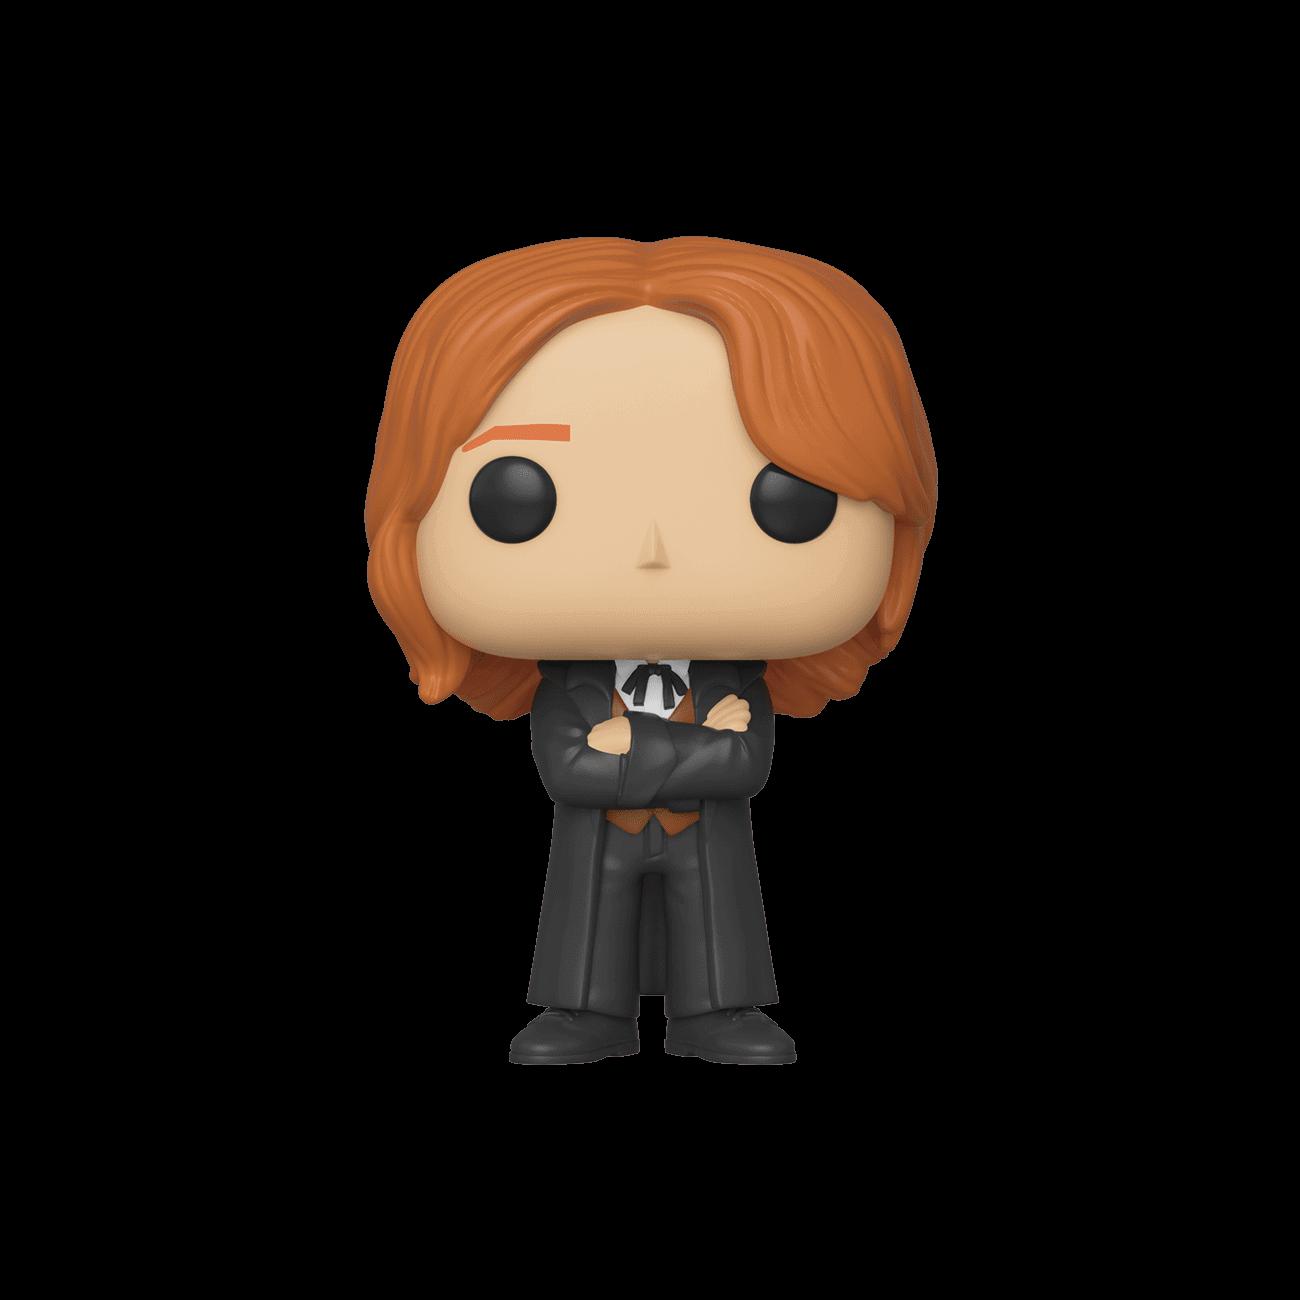 POP! Harry Potter: Yule Ball Fred Weasley